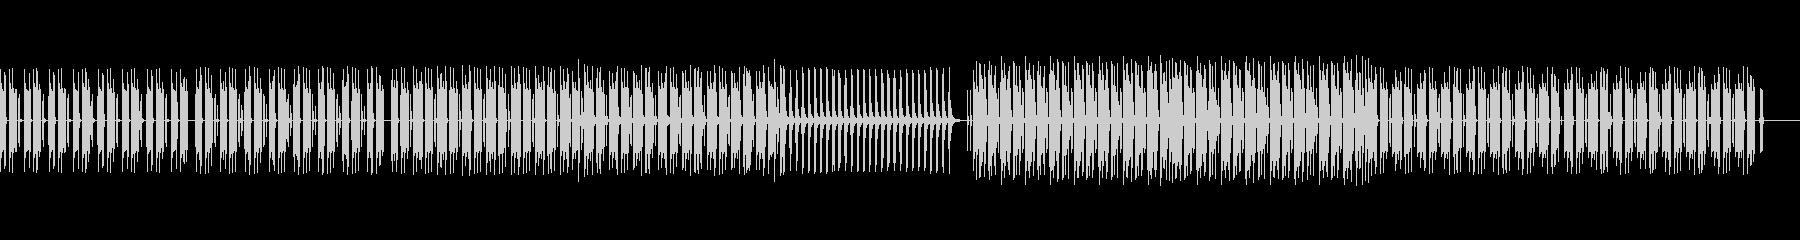 ダーク&クールなヒップホップの未再生の波形